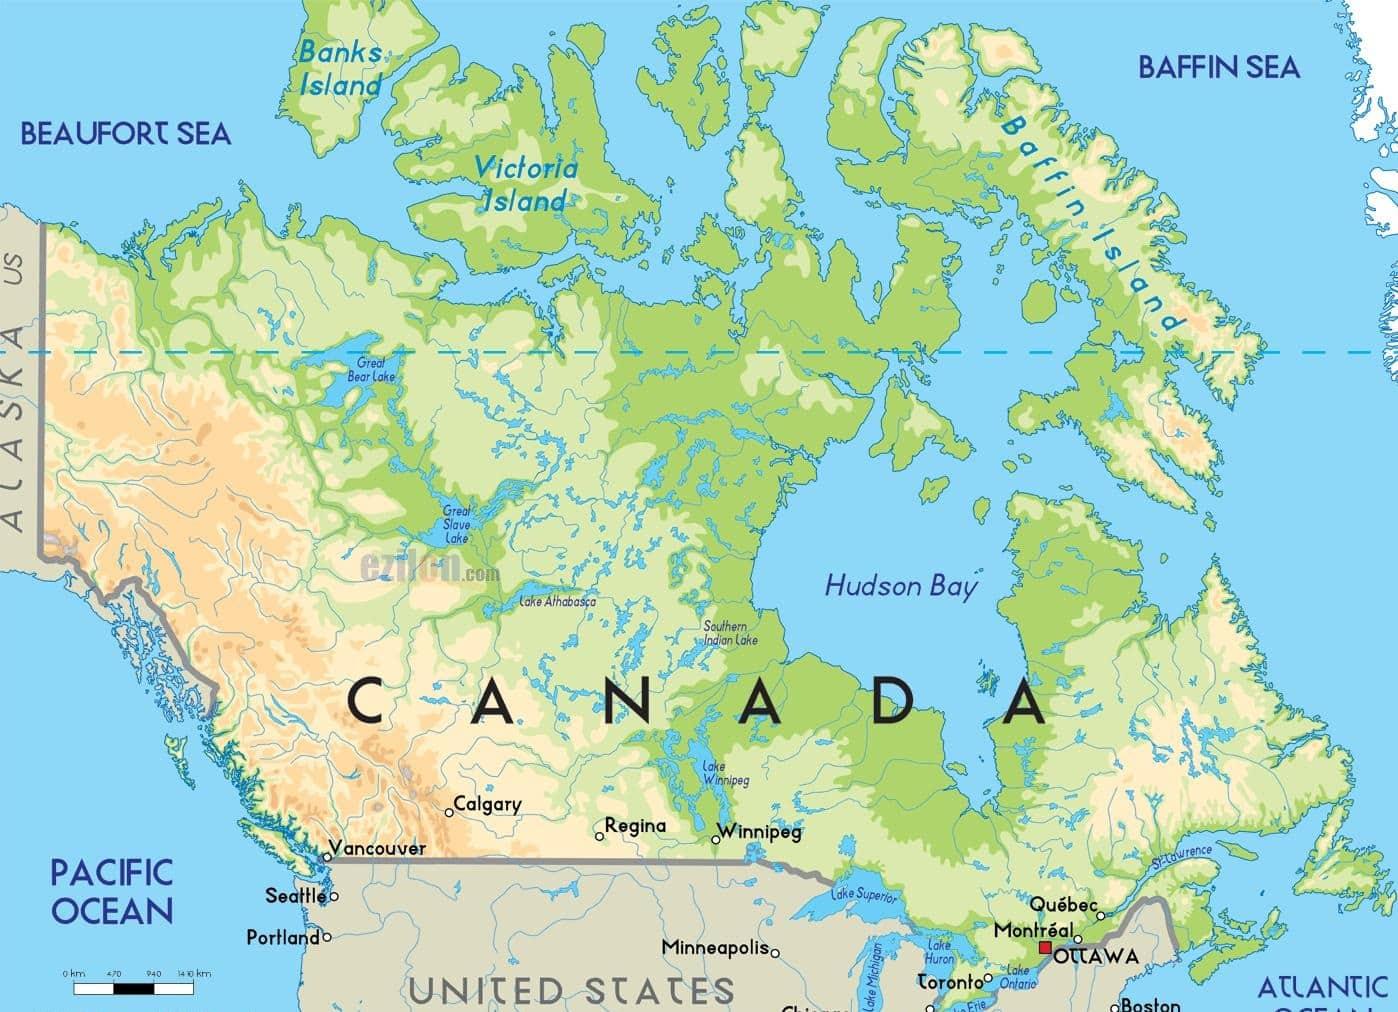 خريطة كندا بالعربي ملف كامل حول أهم المعالم الجغرافية الكندية تعرف عليها الآن